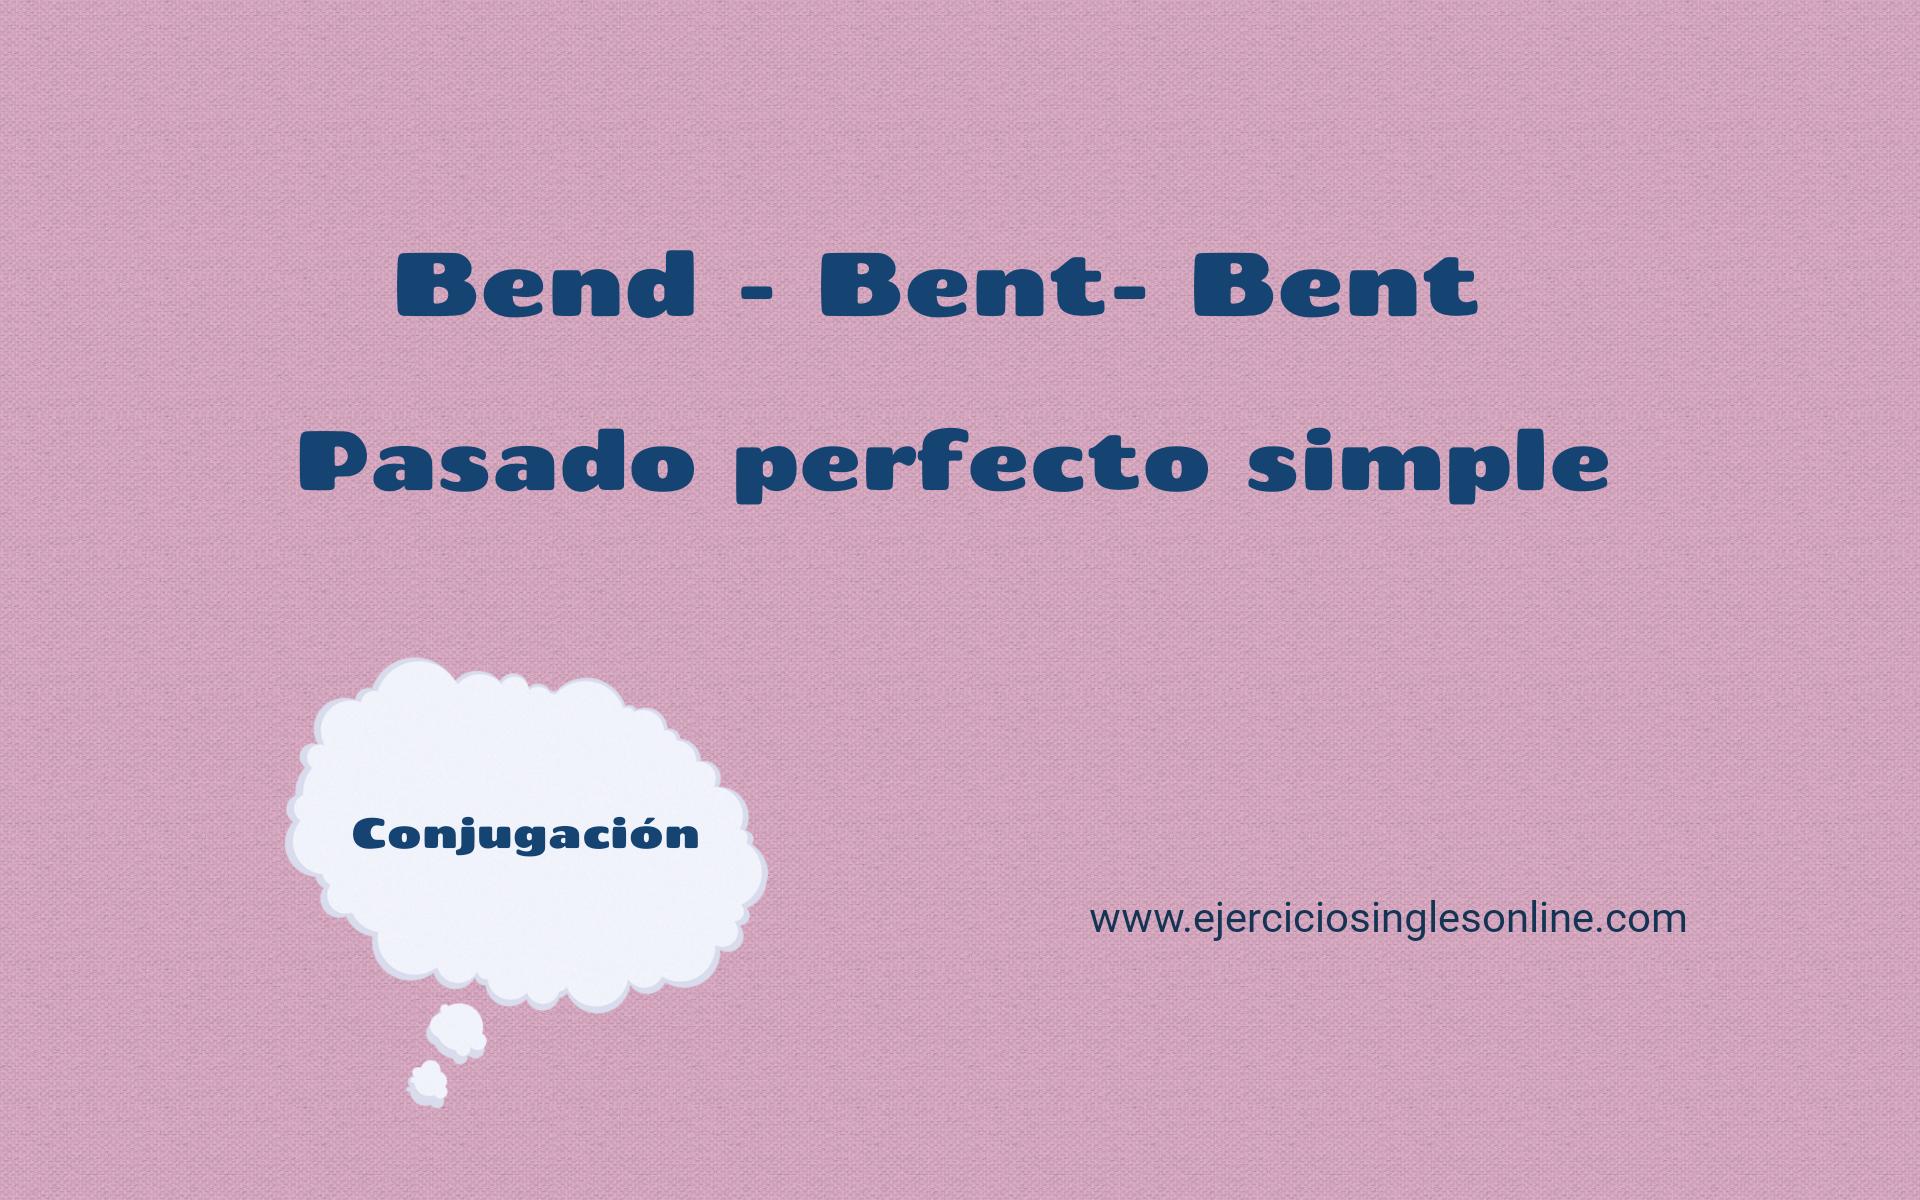 Bend - Pasado perfecto simple